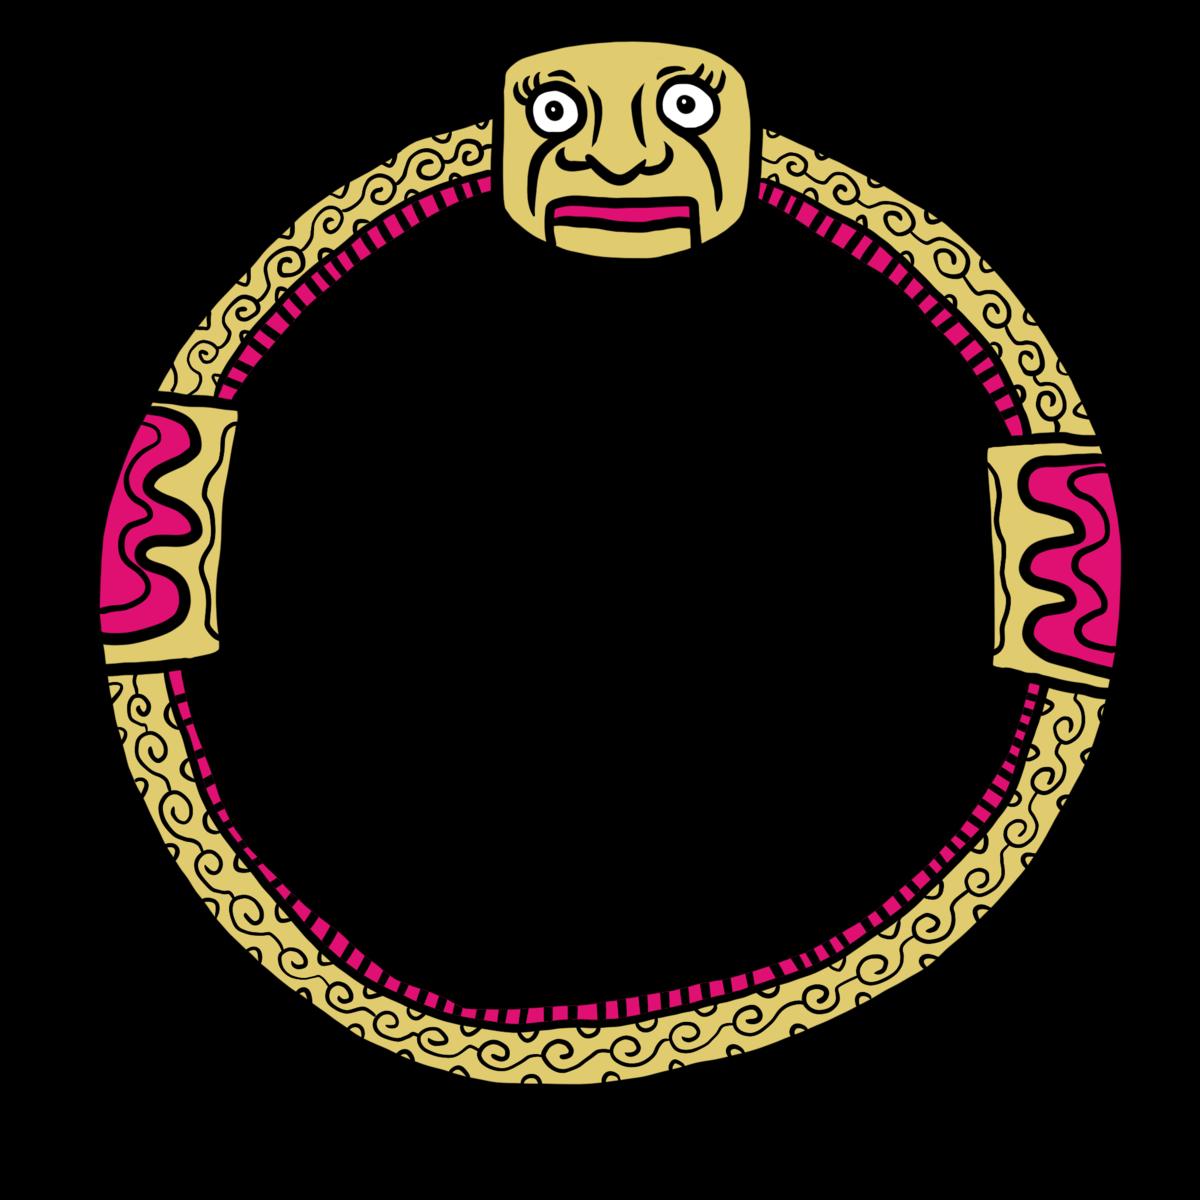 謎のリング